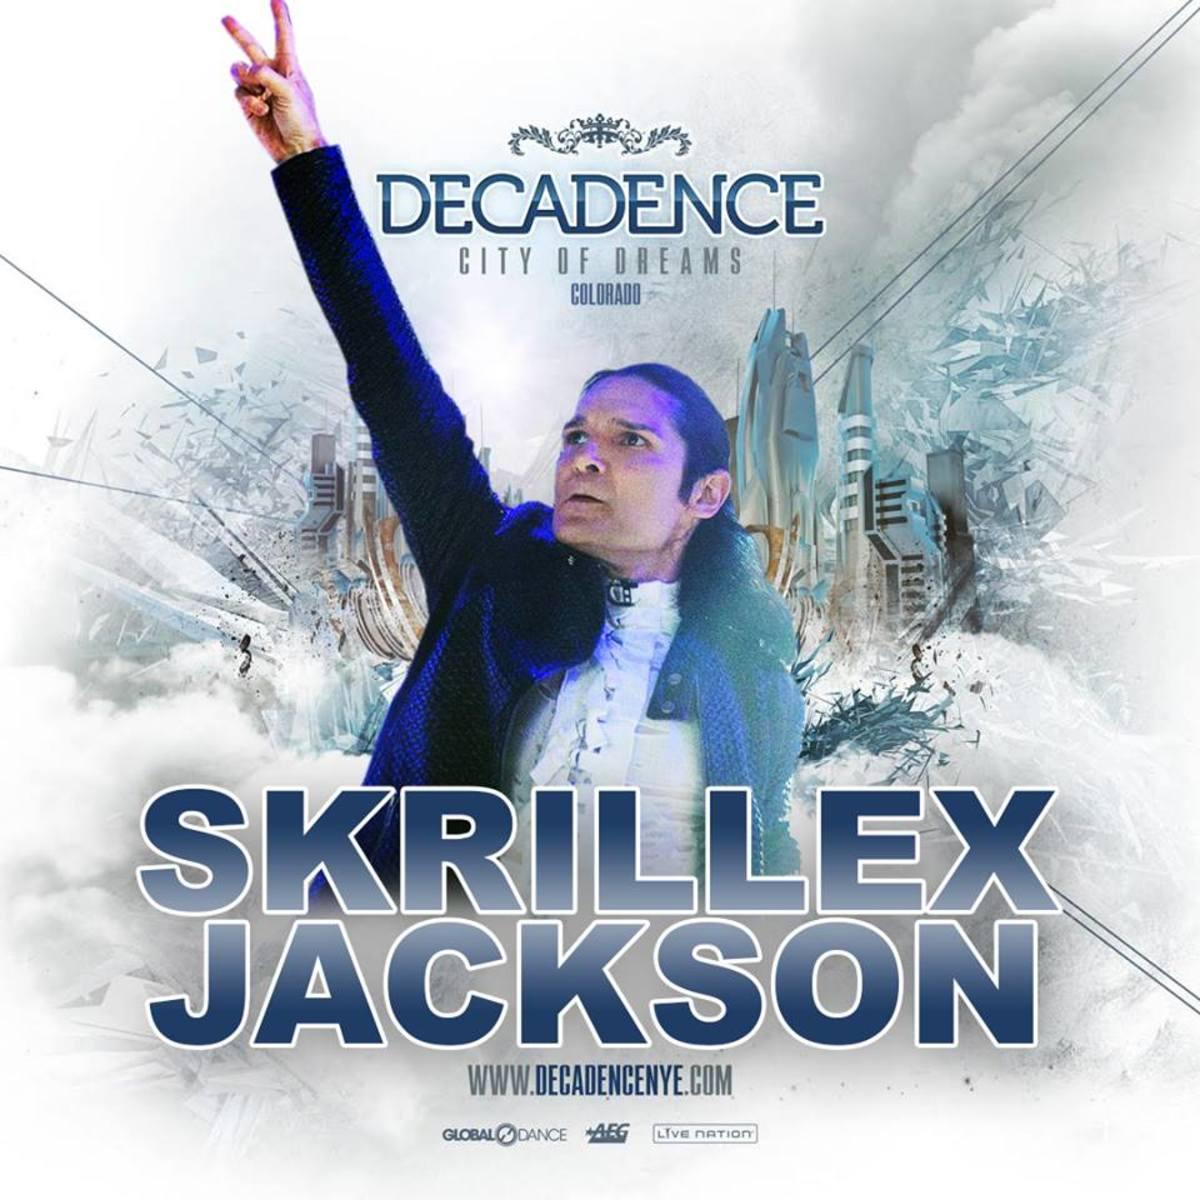 Joman Skrillex Jackson Corey Feldman Decadence NYE 2016